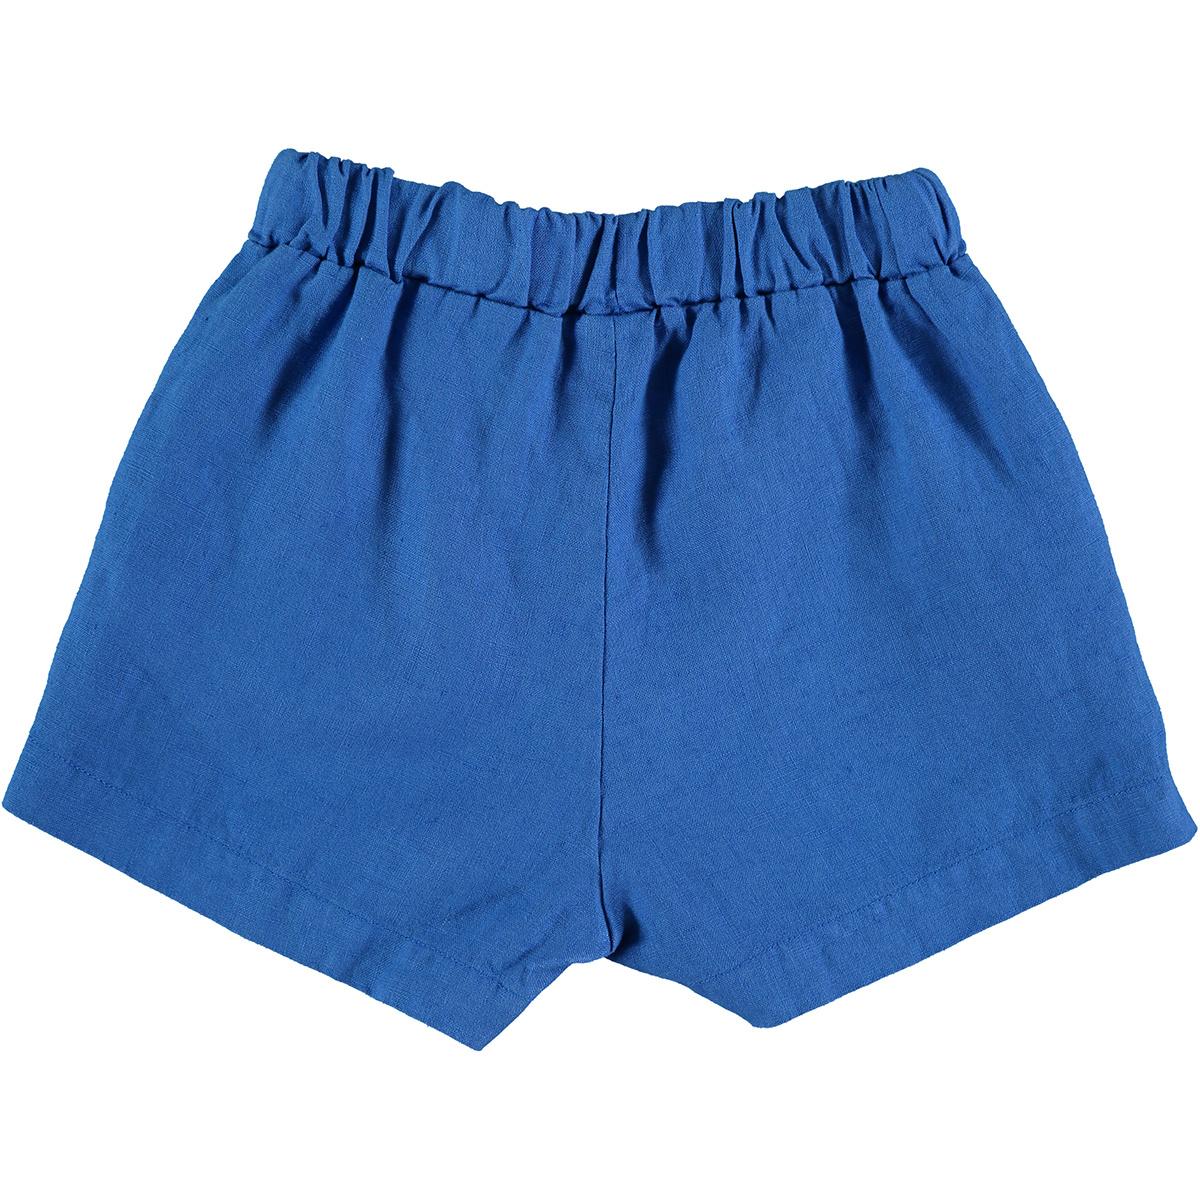 Short baby stripes - Fresh Blue-2